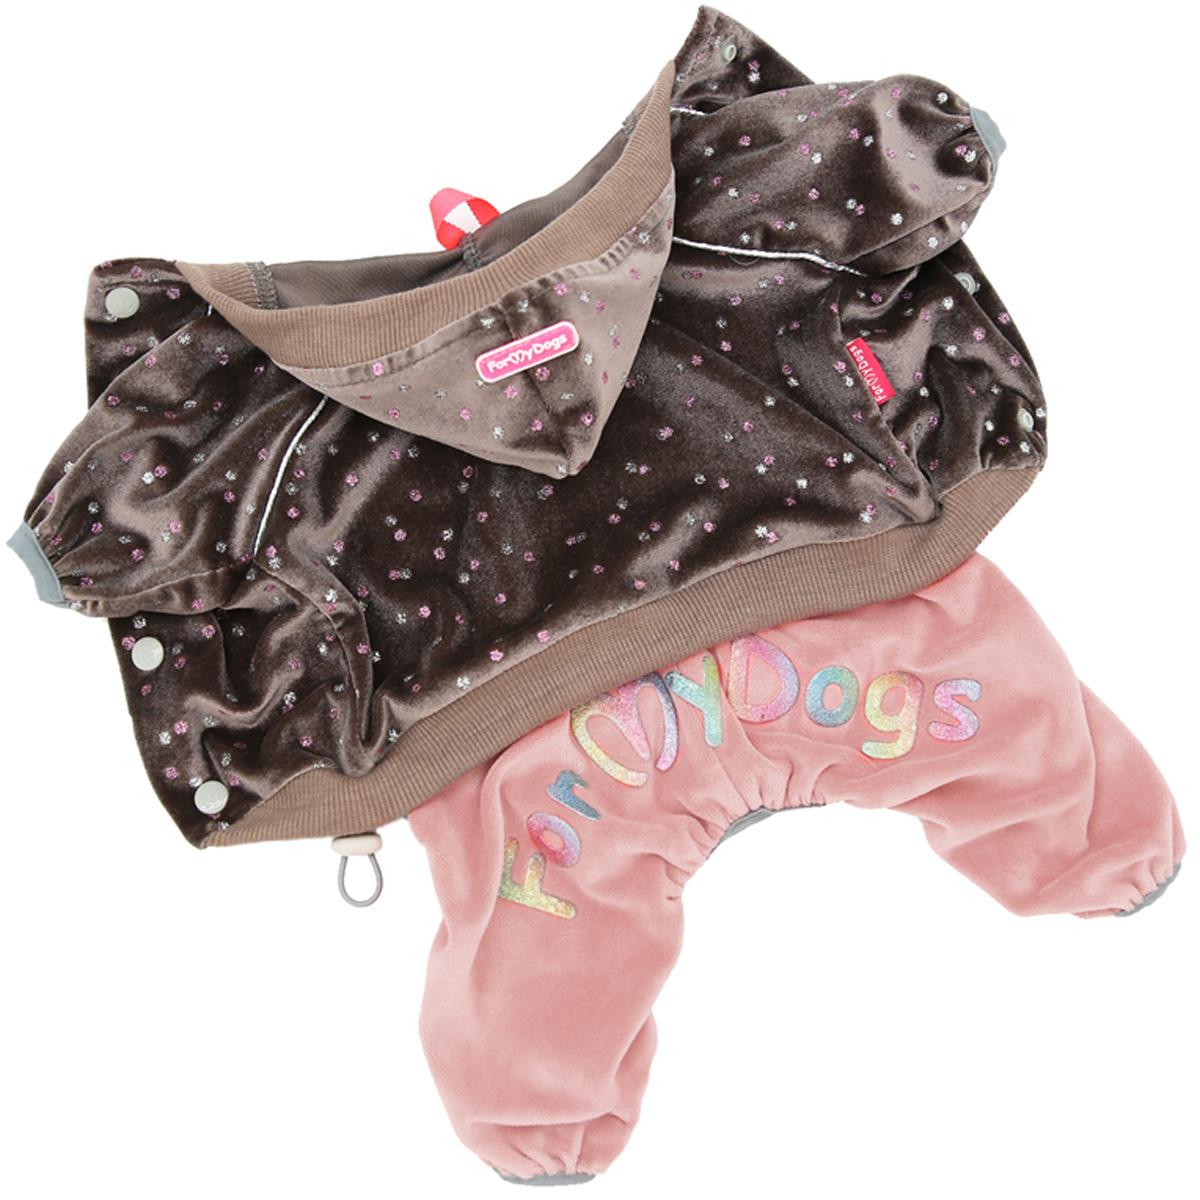 For My Dogs костюм для собак велюр коричневый/розовый 407ss-2019  (14)